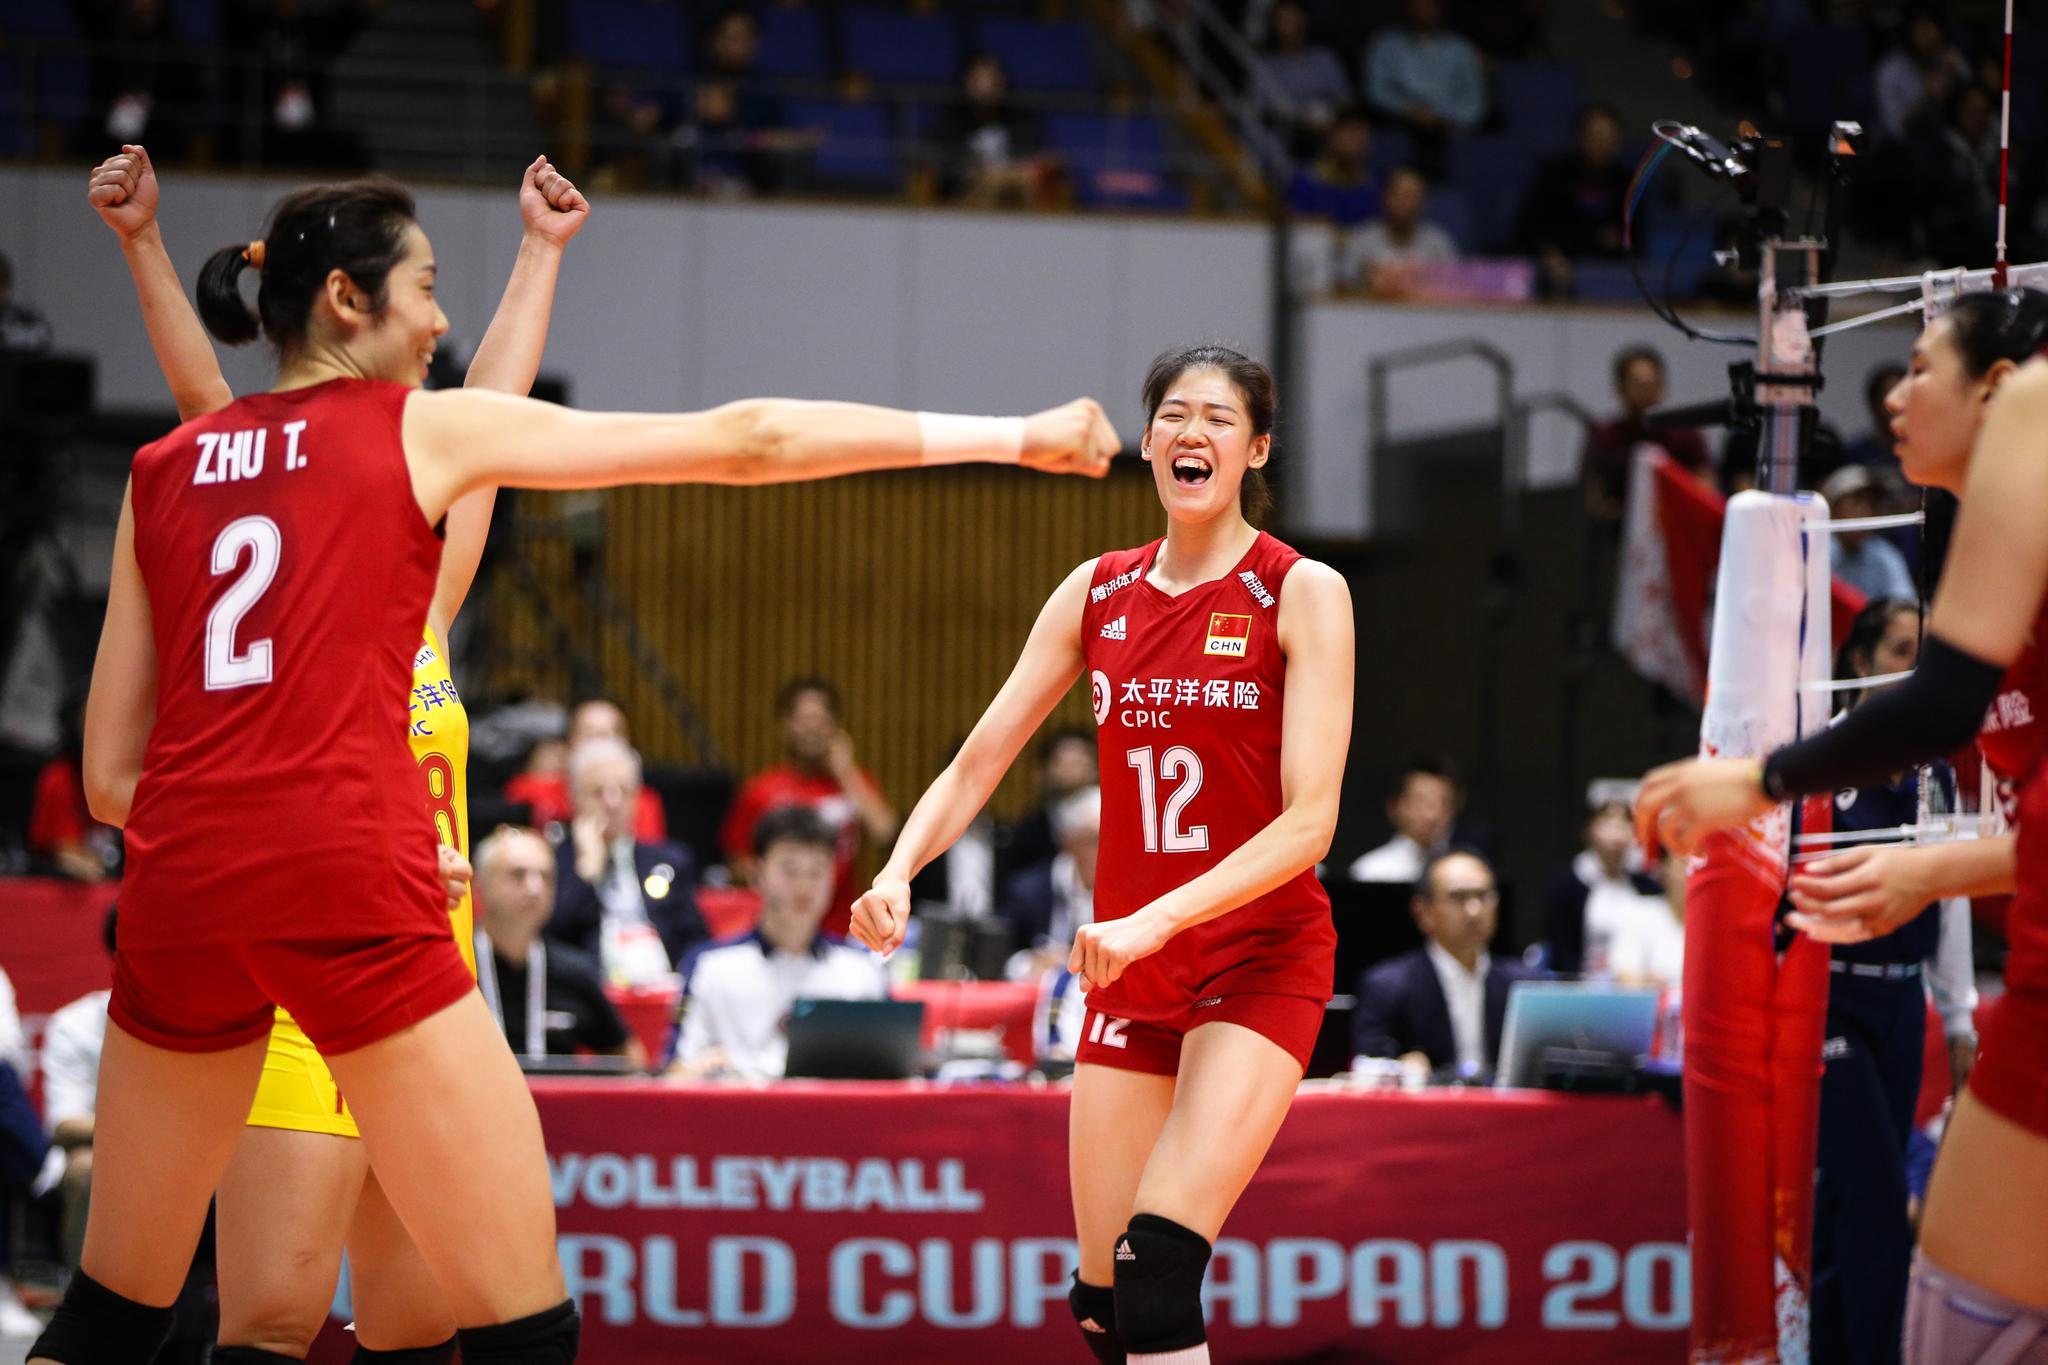 中國女排豪取世界盃六連勝。圖/國際排聯官網